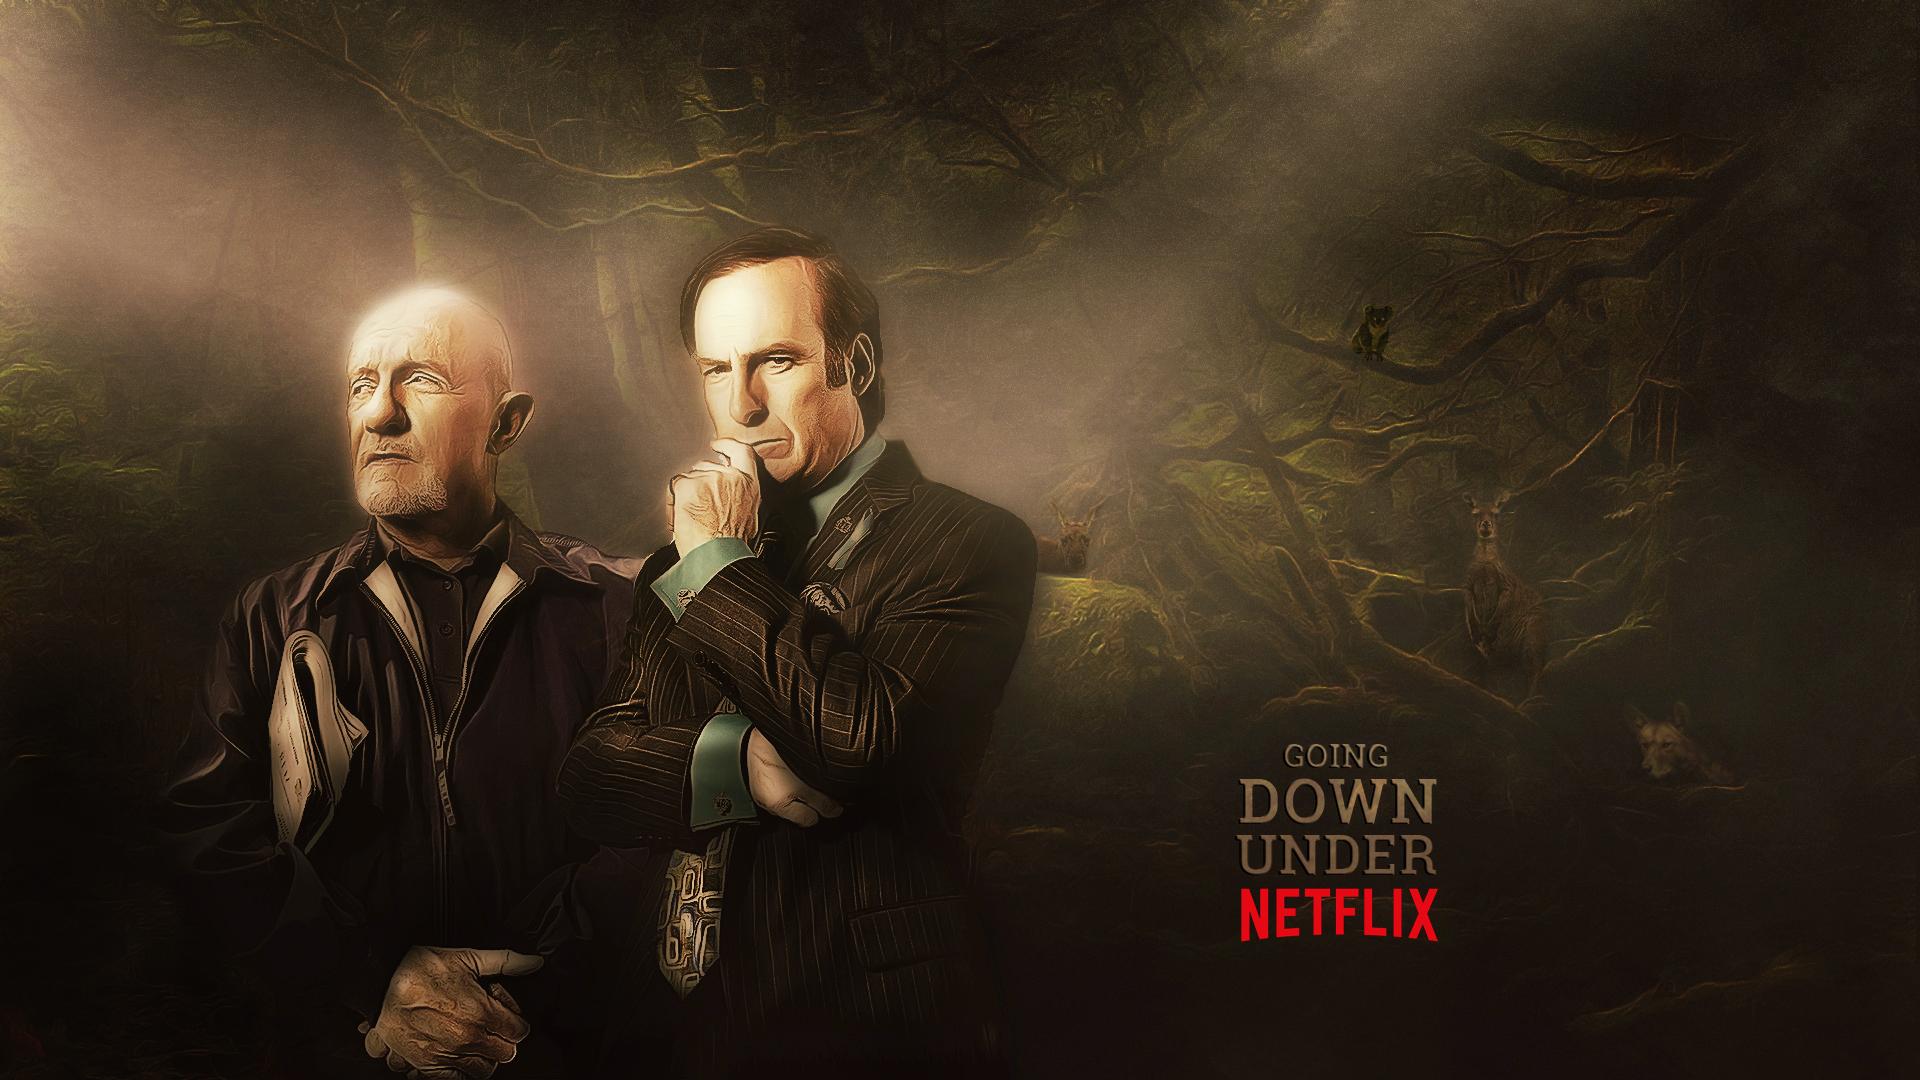 Netflix down under poster